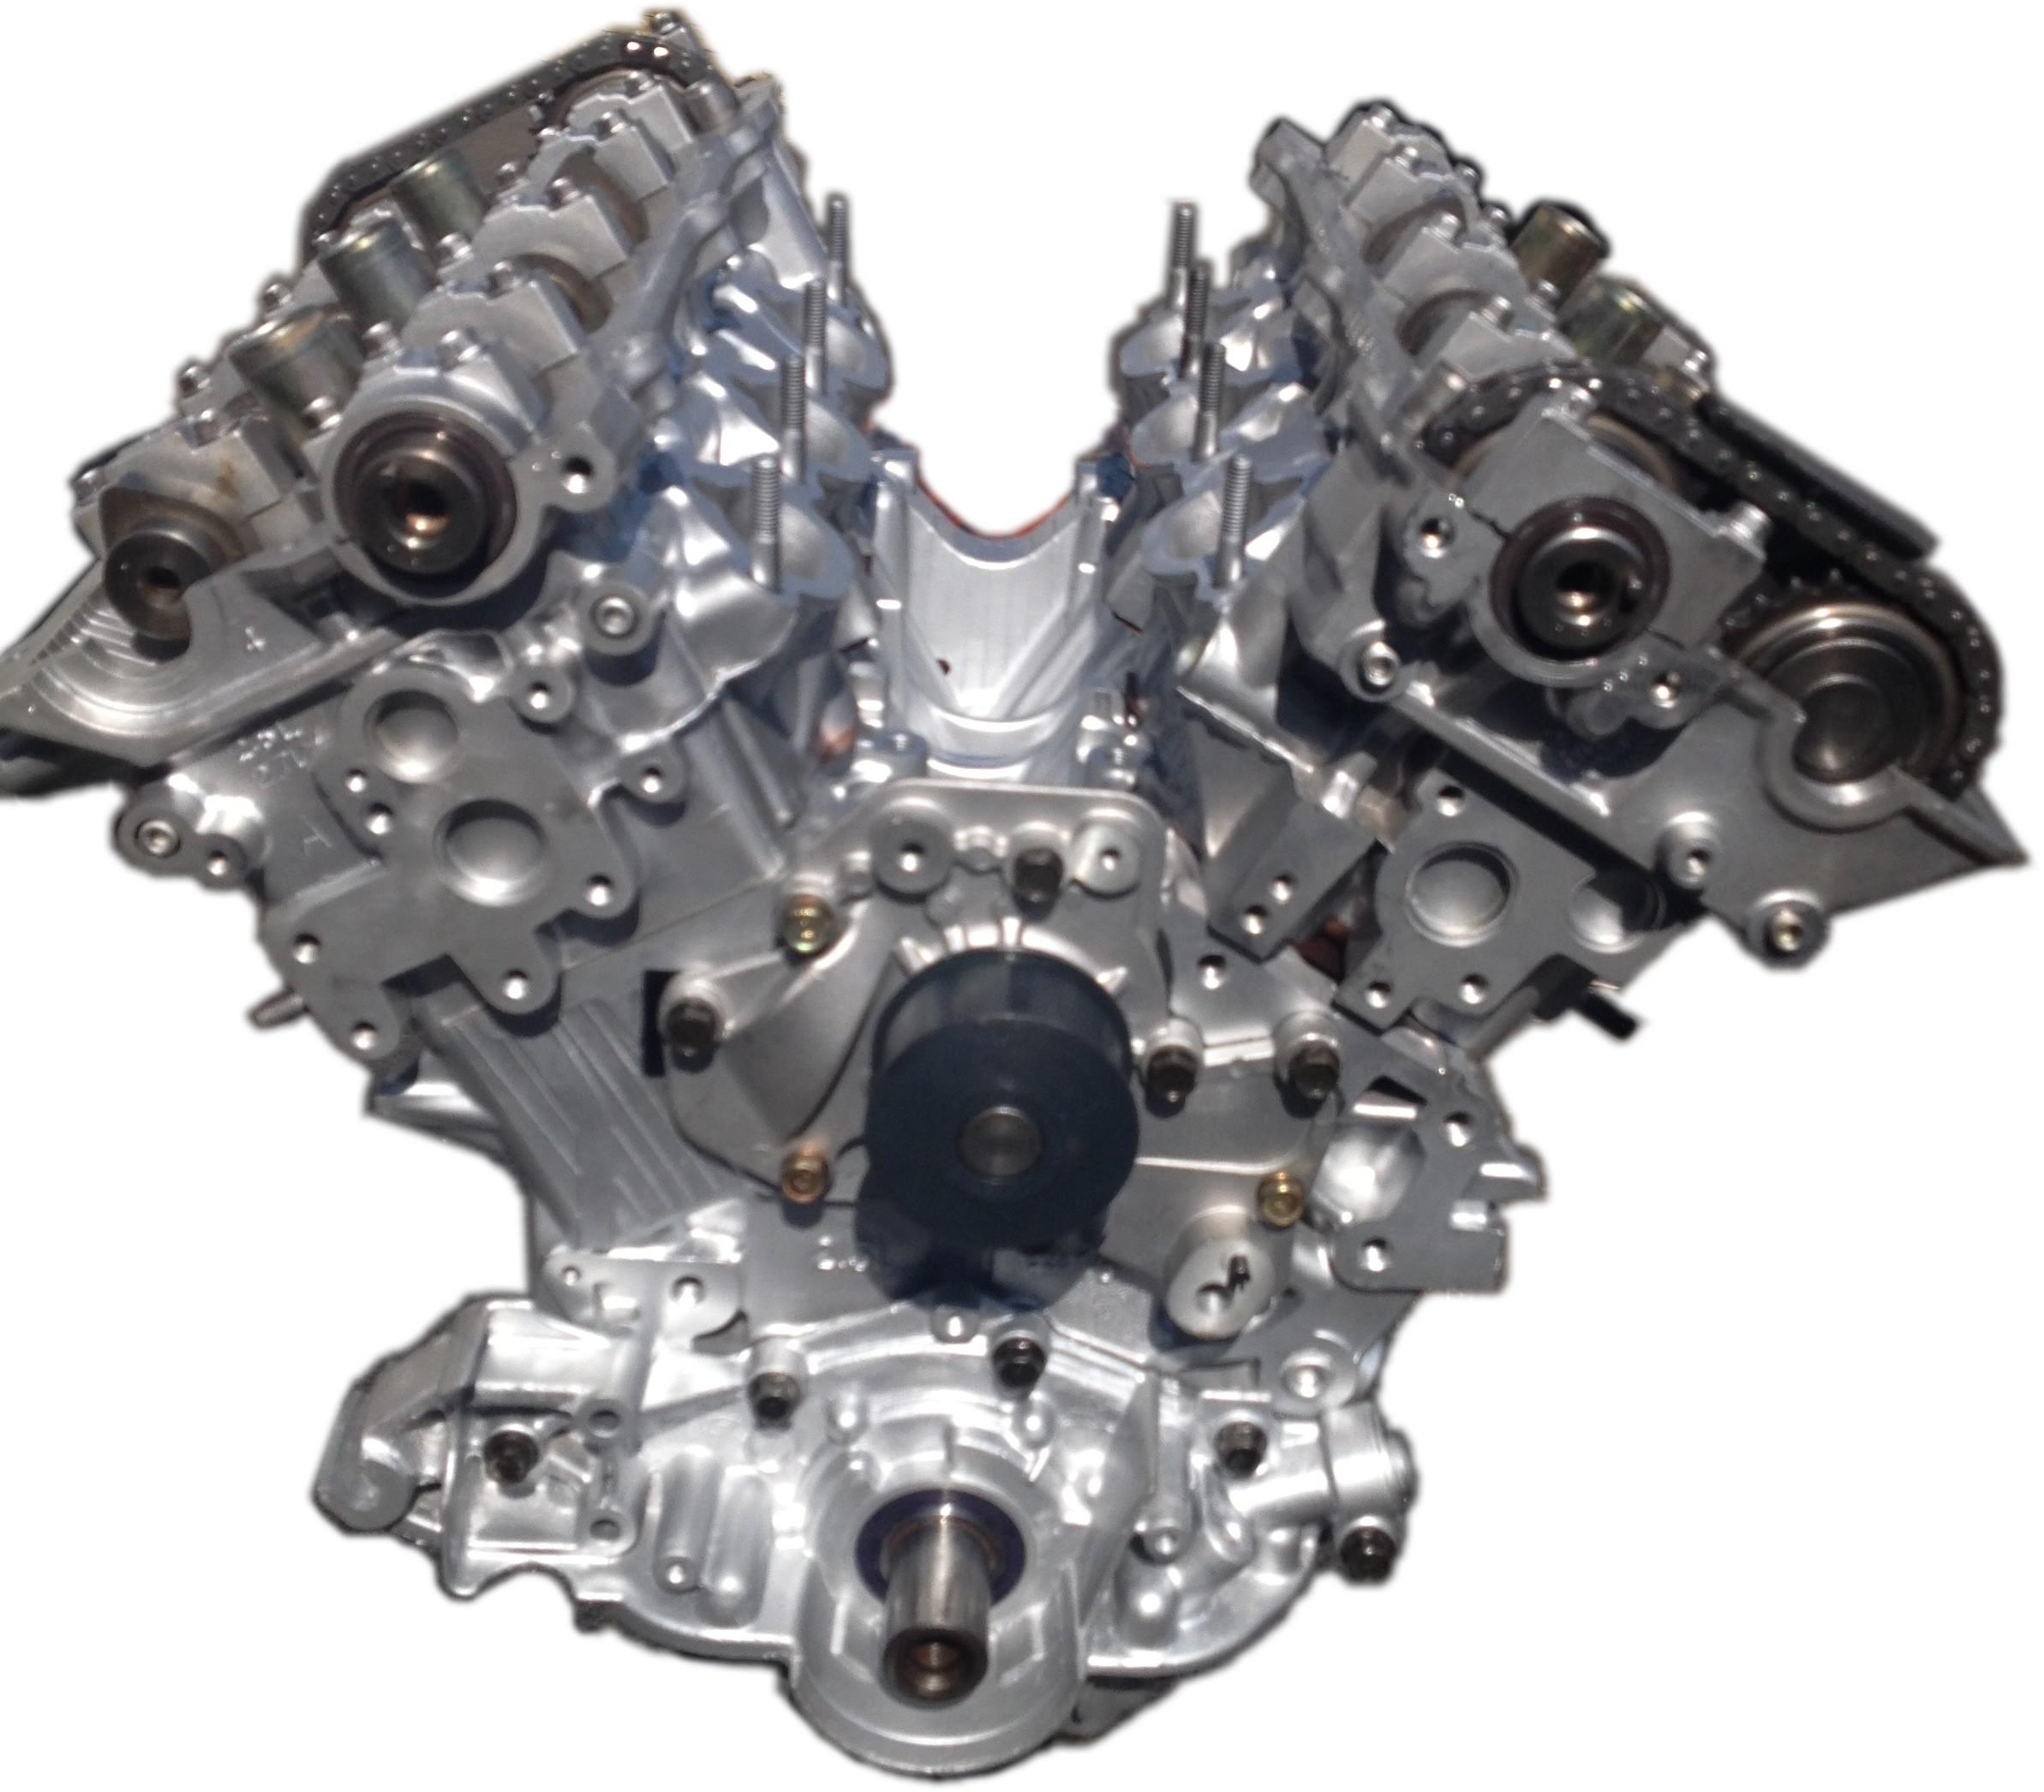 Rebuilt 03 08 Hyundai Tiburon 2 7l 6 Cyl Engine 171 Kar King